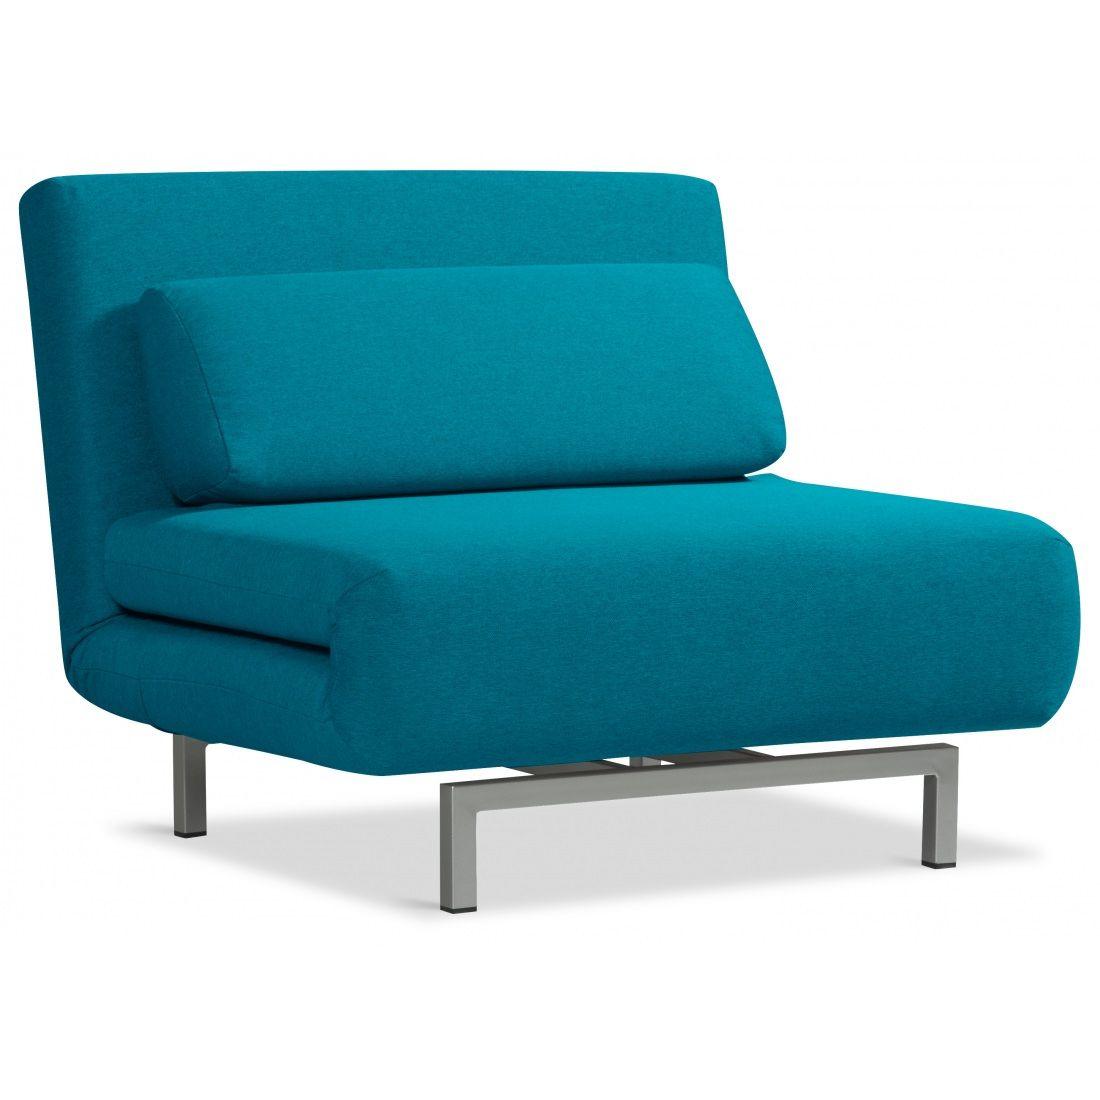 Schlafsessel Türkis Designer Sessel mit Schlaffunktion Jetzt ...